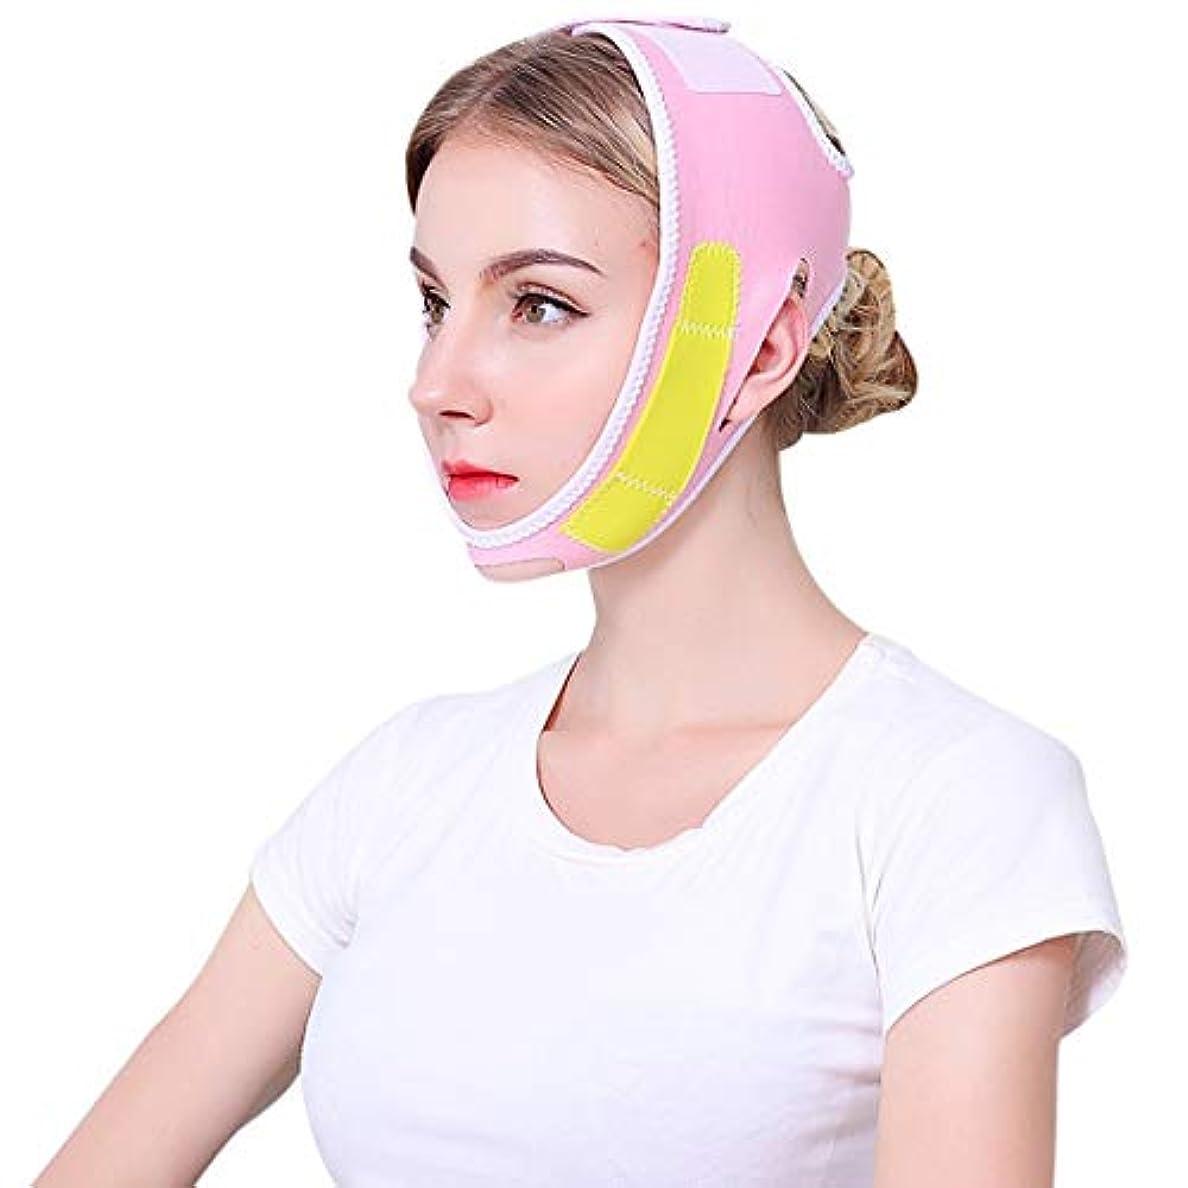 ZWBD フェイスマスク, 薄い顔の包帯睡眠小さいv顔アーティファクトプル型二重あご線術後矯正薄い顔ステッカー